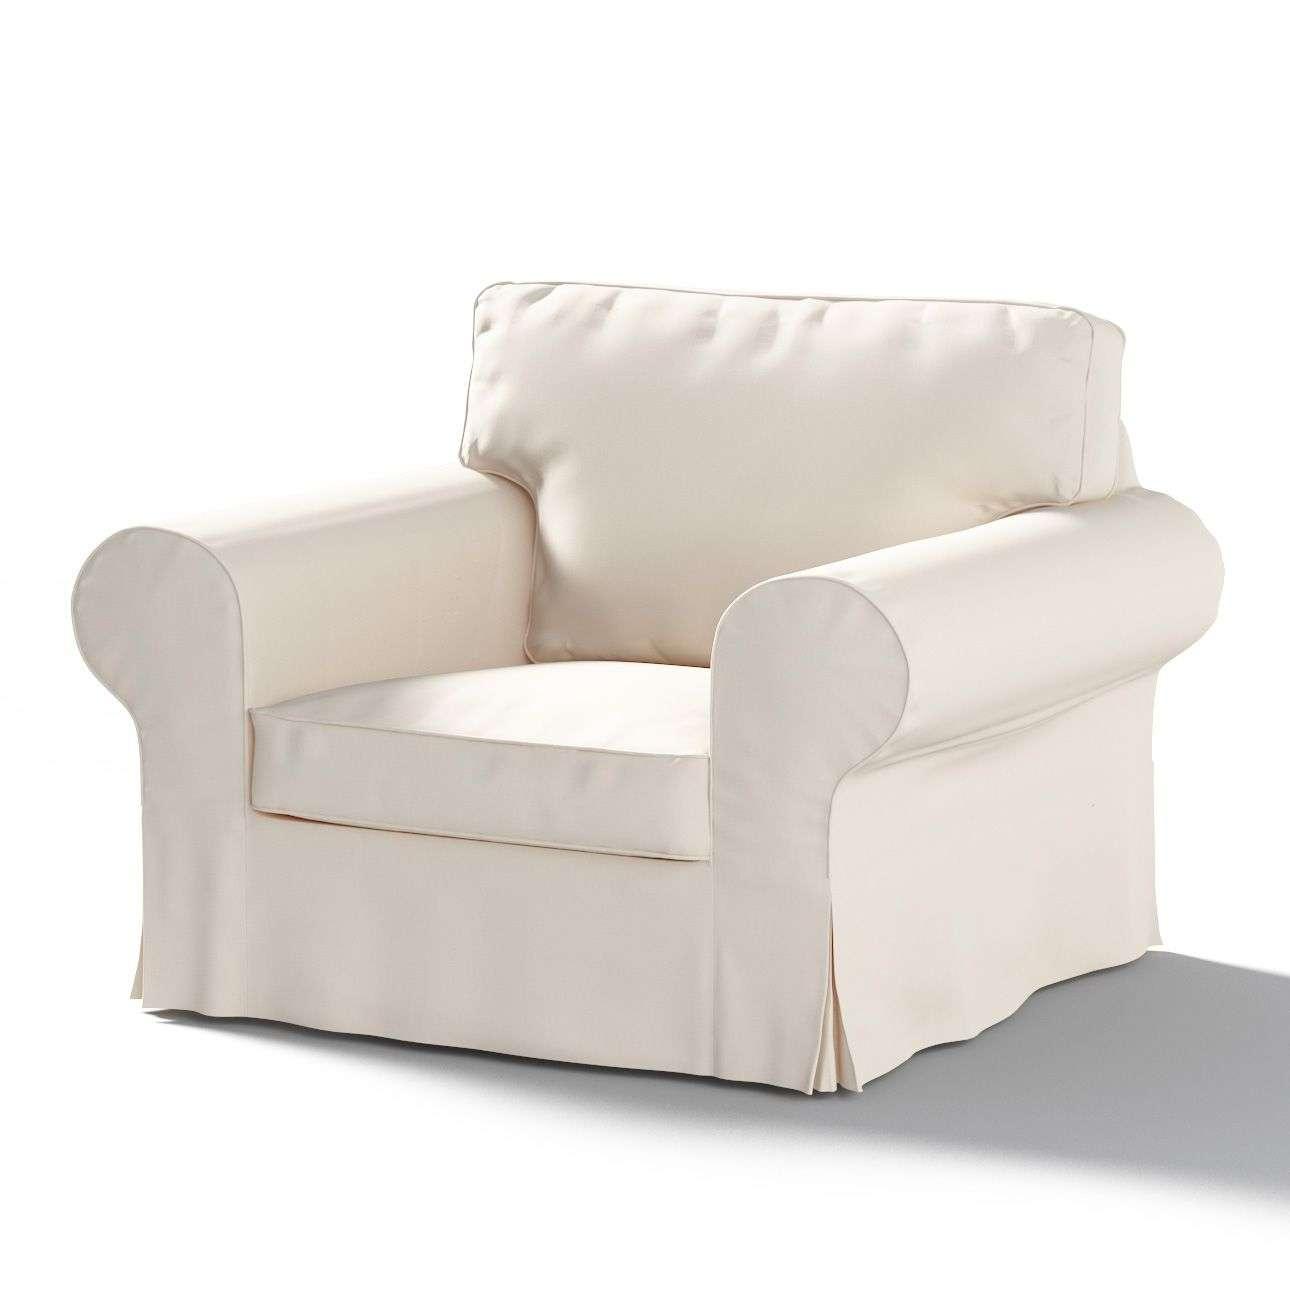 ektorp. Black Bedroom Furniture Sets. Home Design Ideas